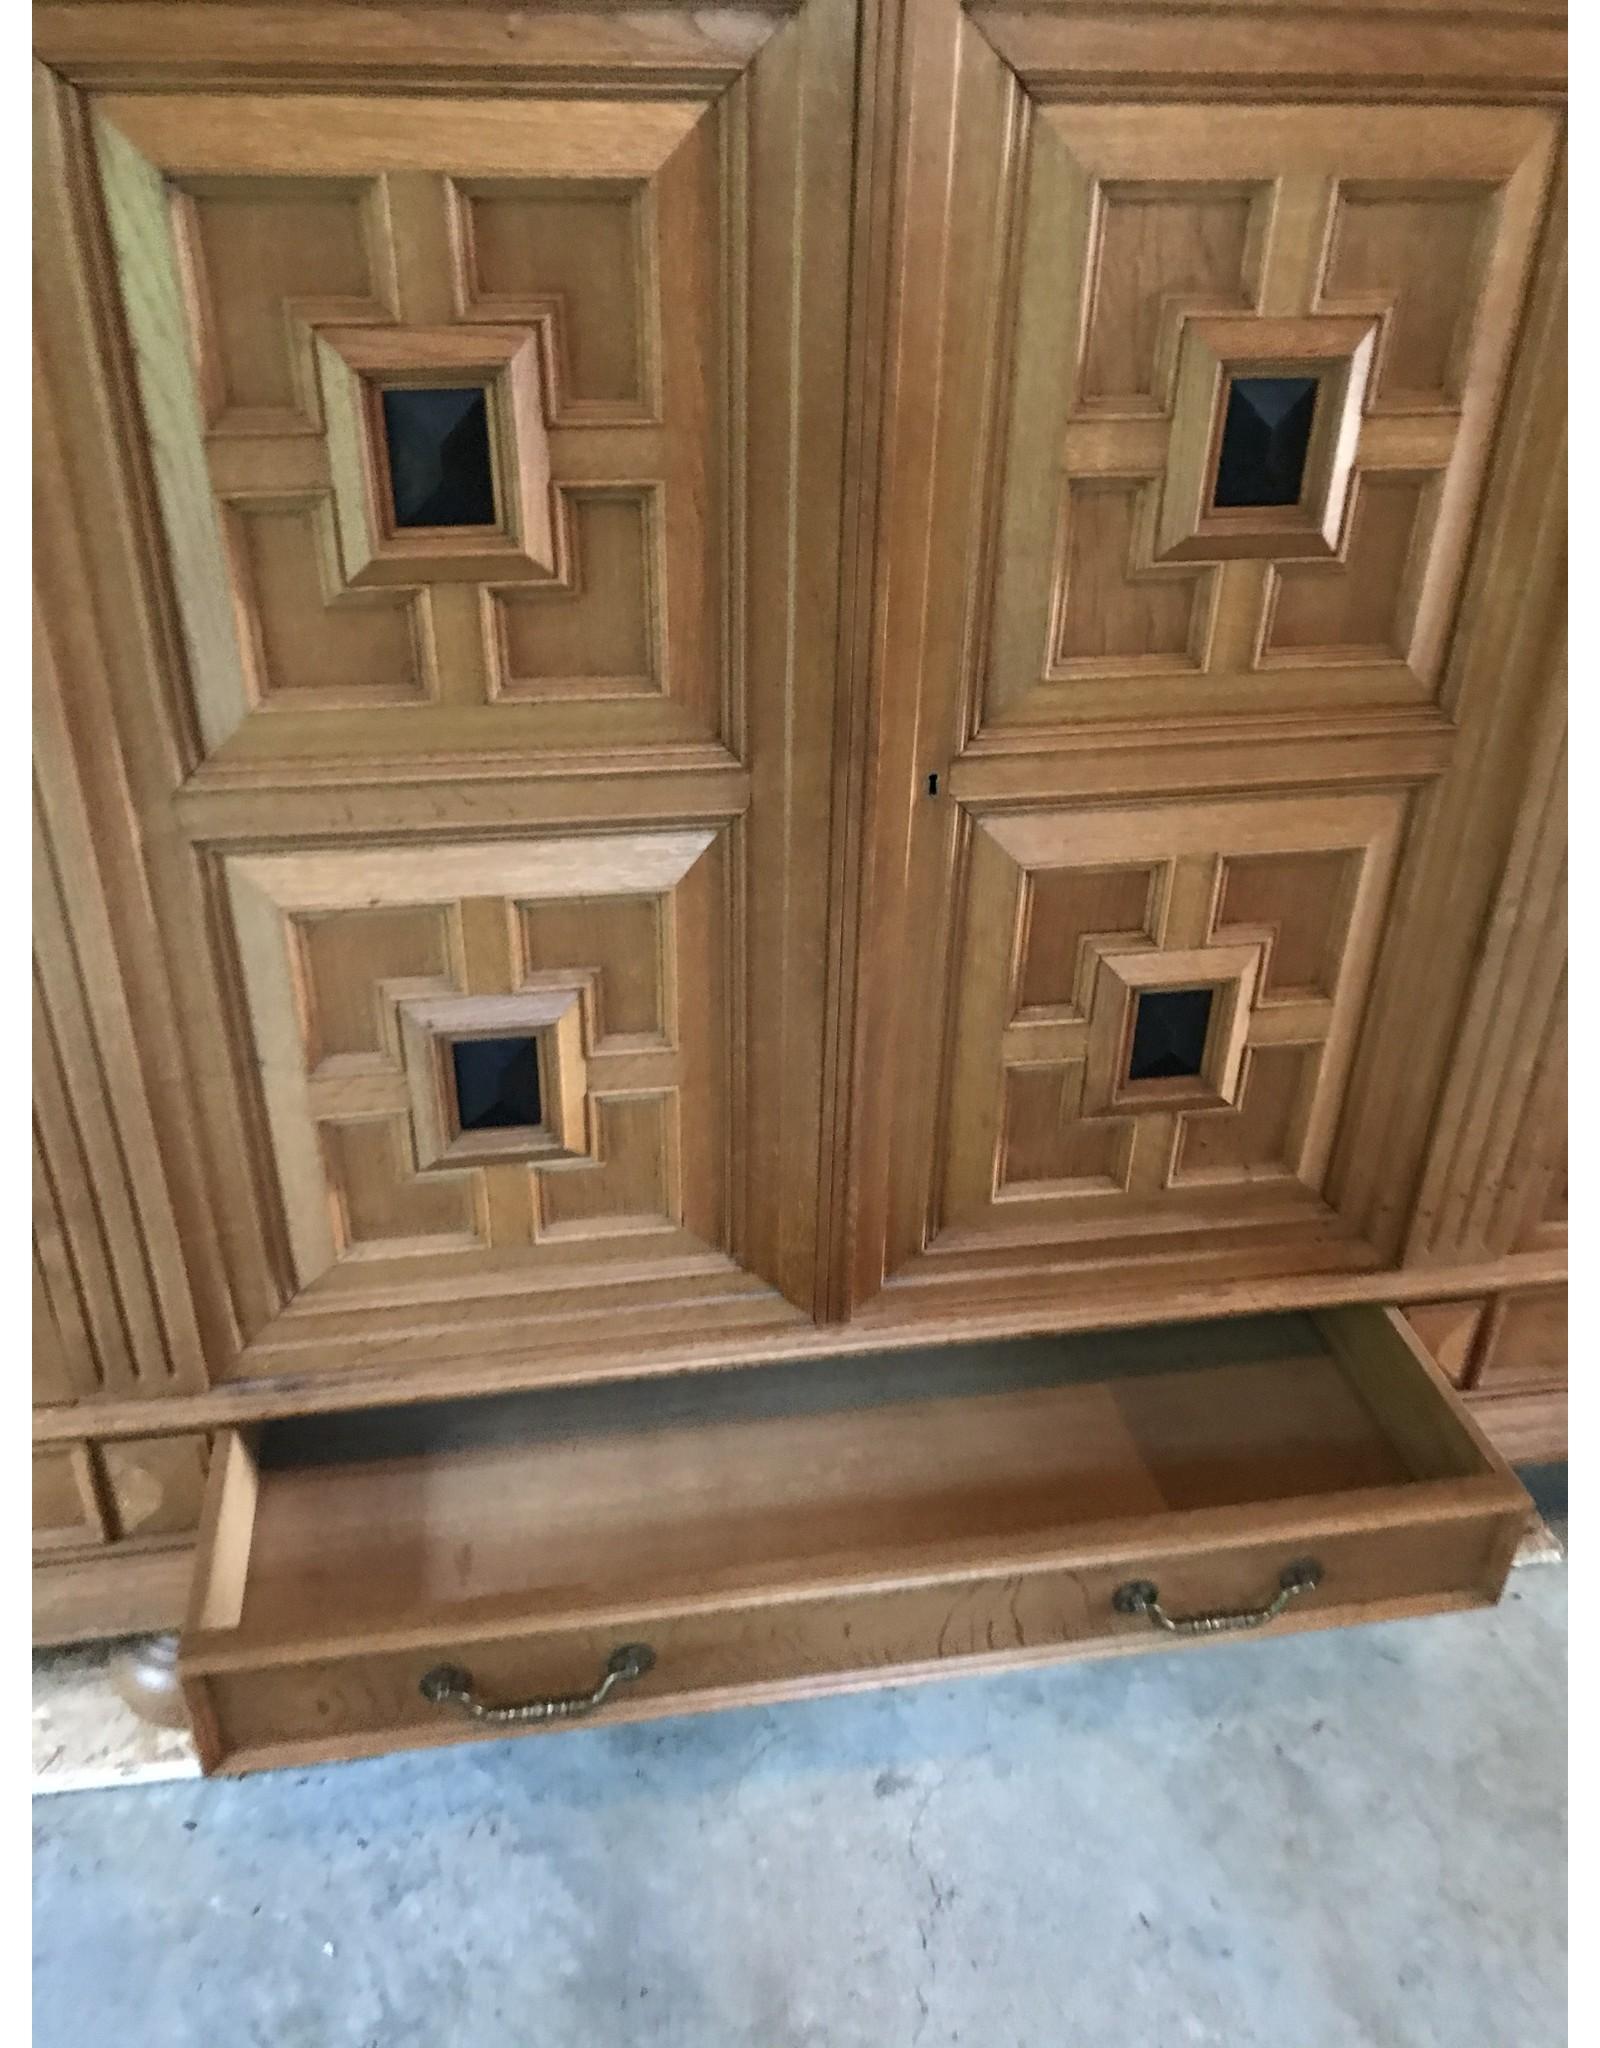 Sideboard - large, four doors, drawers, bun feet